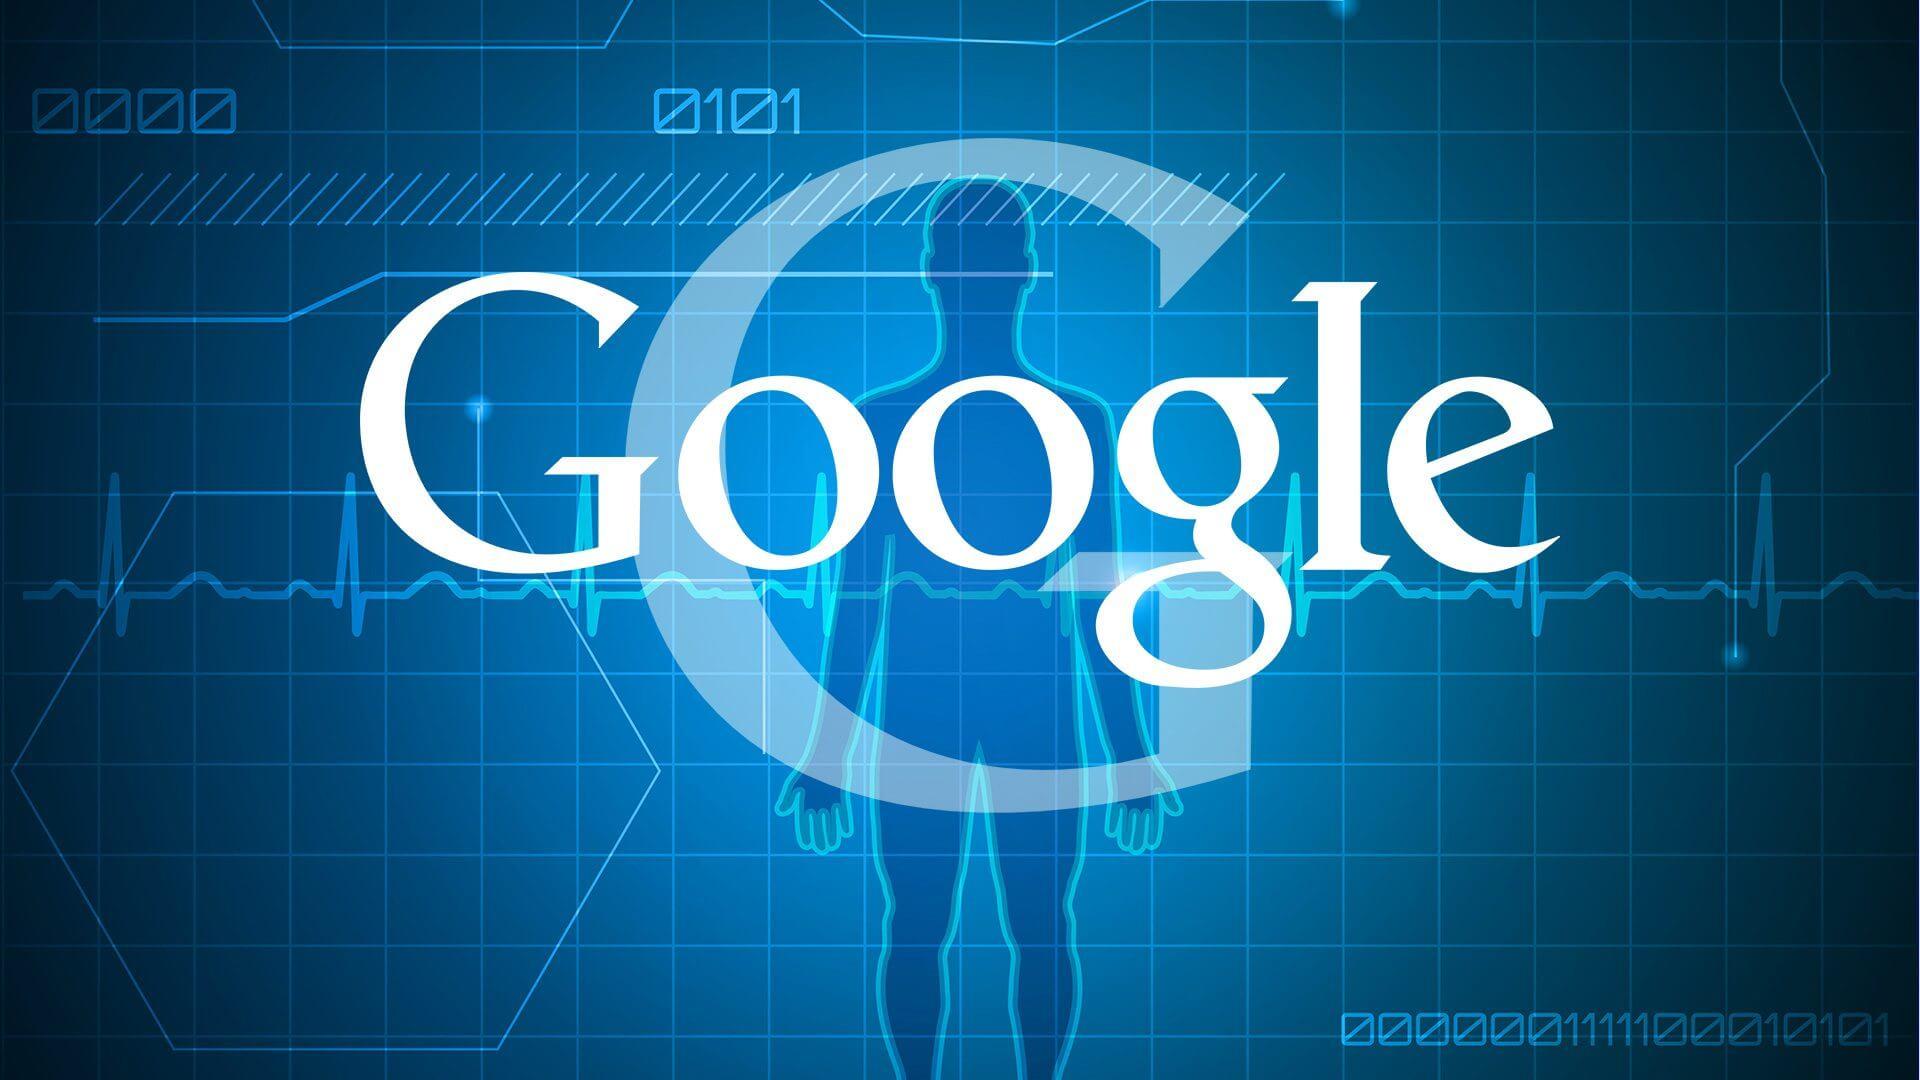 google health6 ss 1920 - Agora você pode procurar doenças no Google sem se desesperar; entenda!